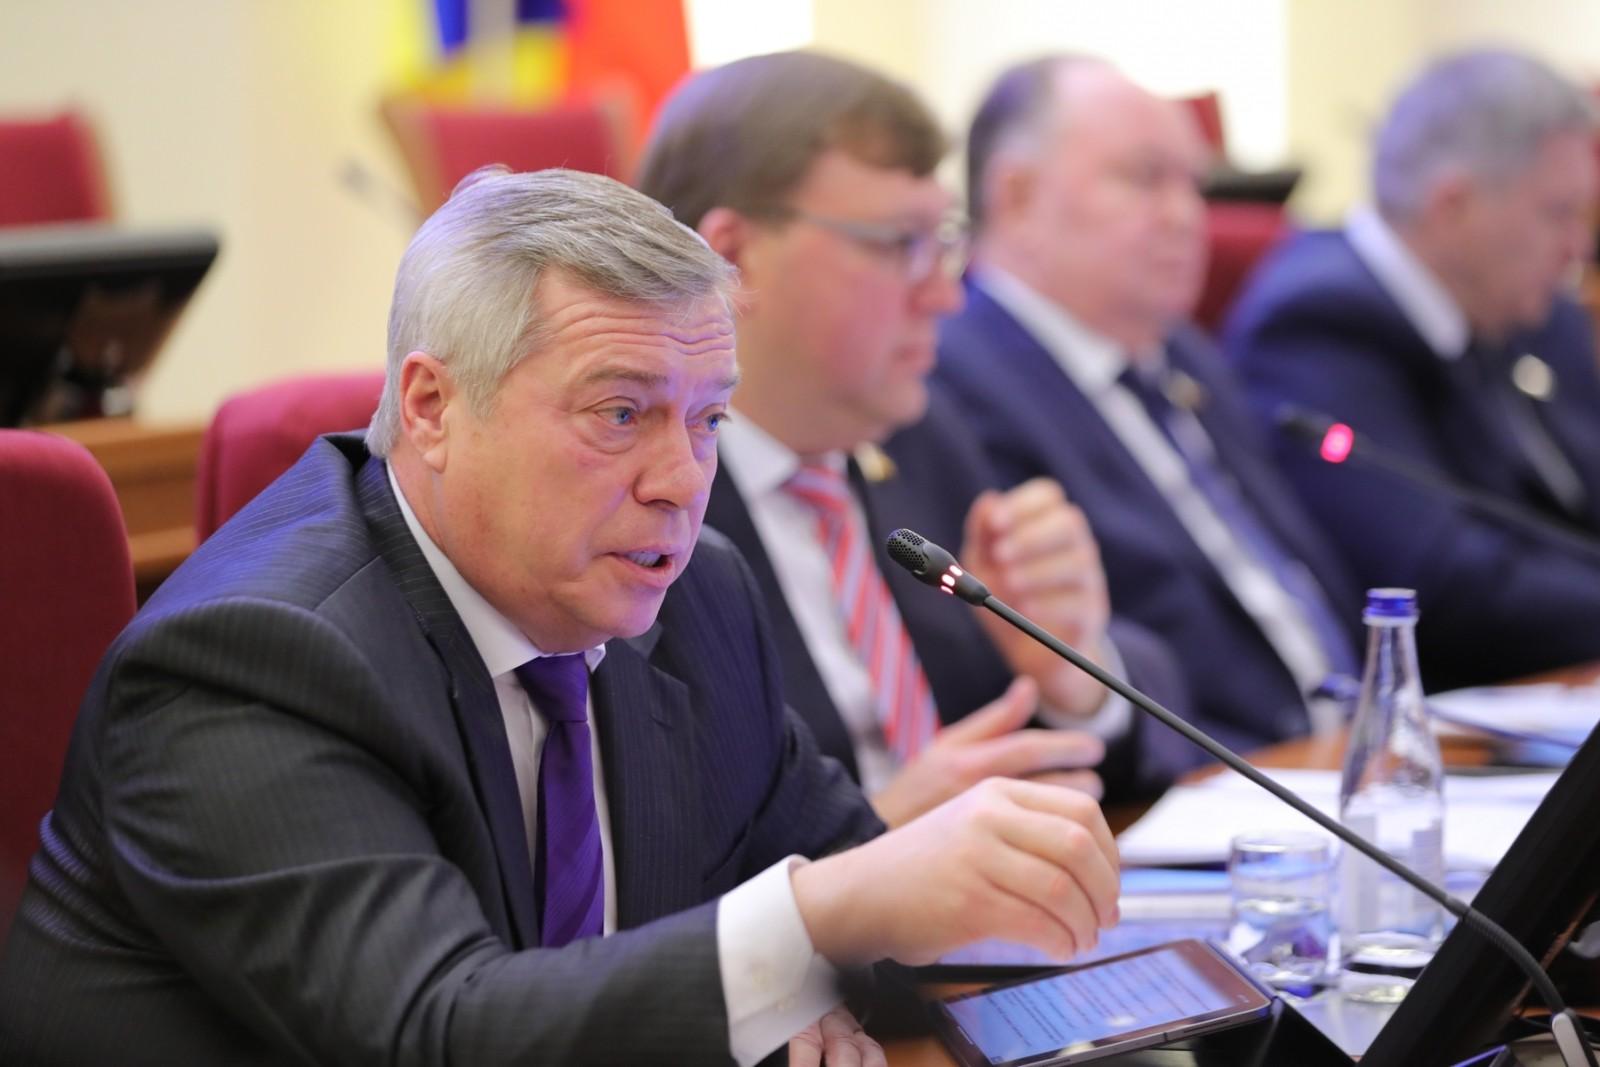 Бюджет Ростовской области принят. Как это скажется на развитии региона?